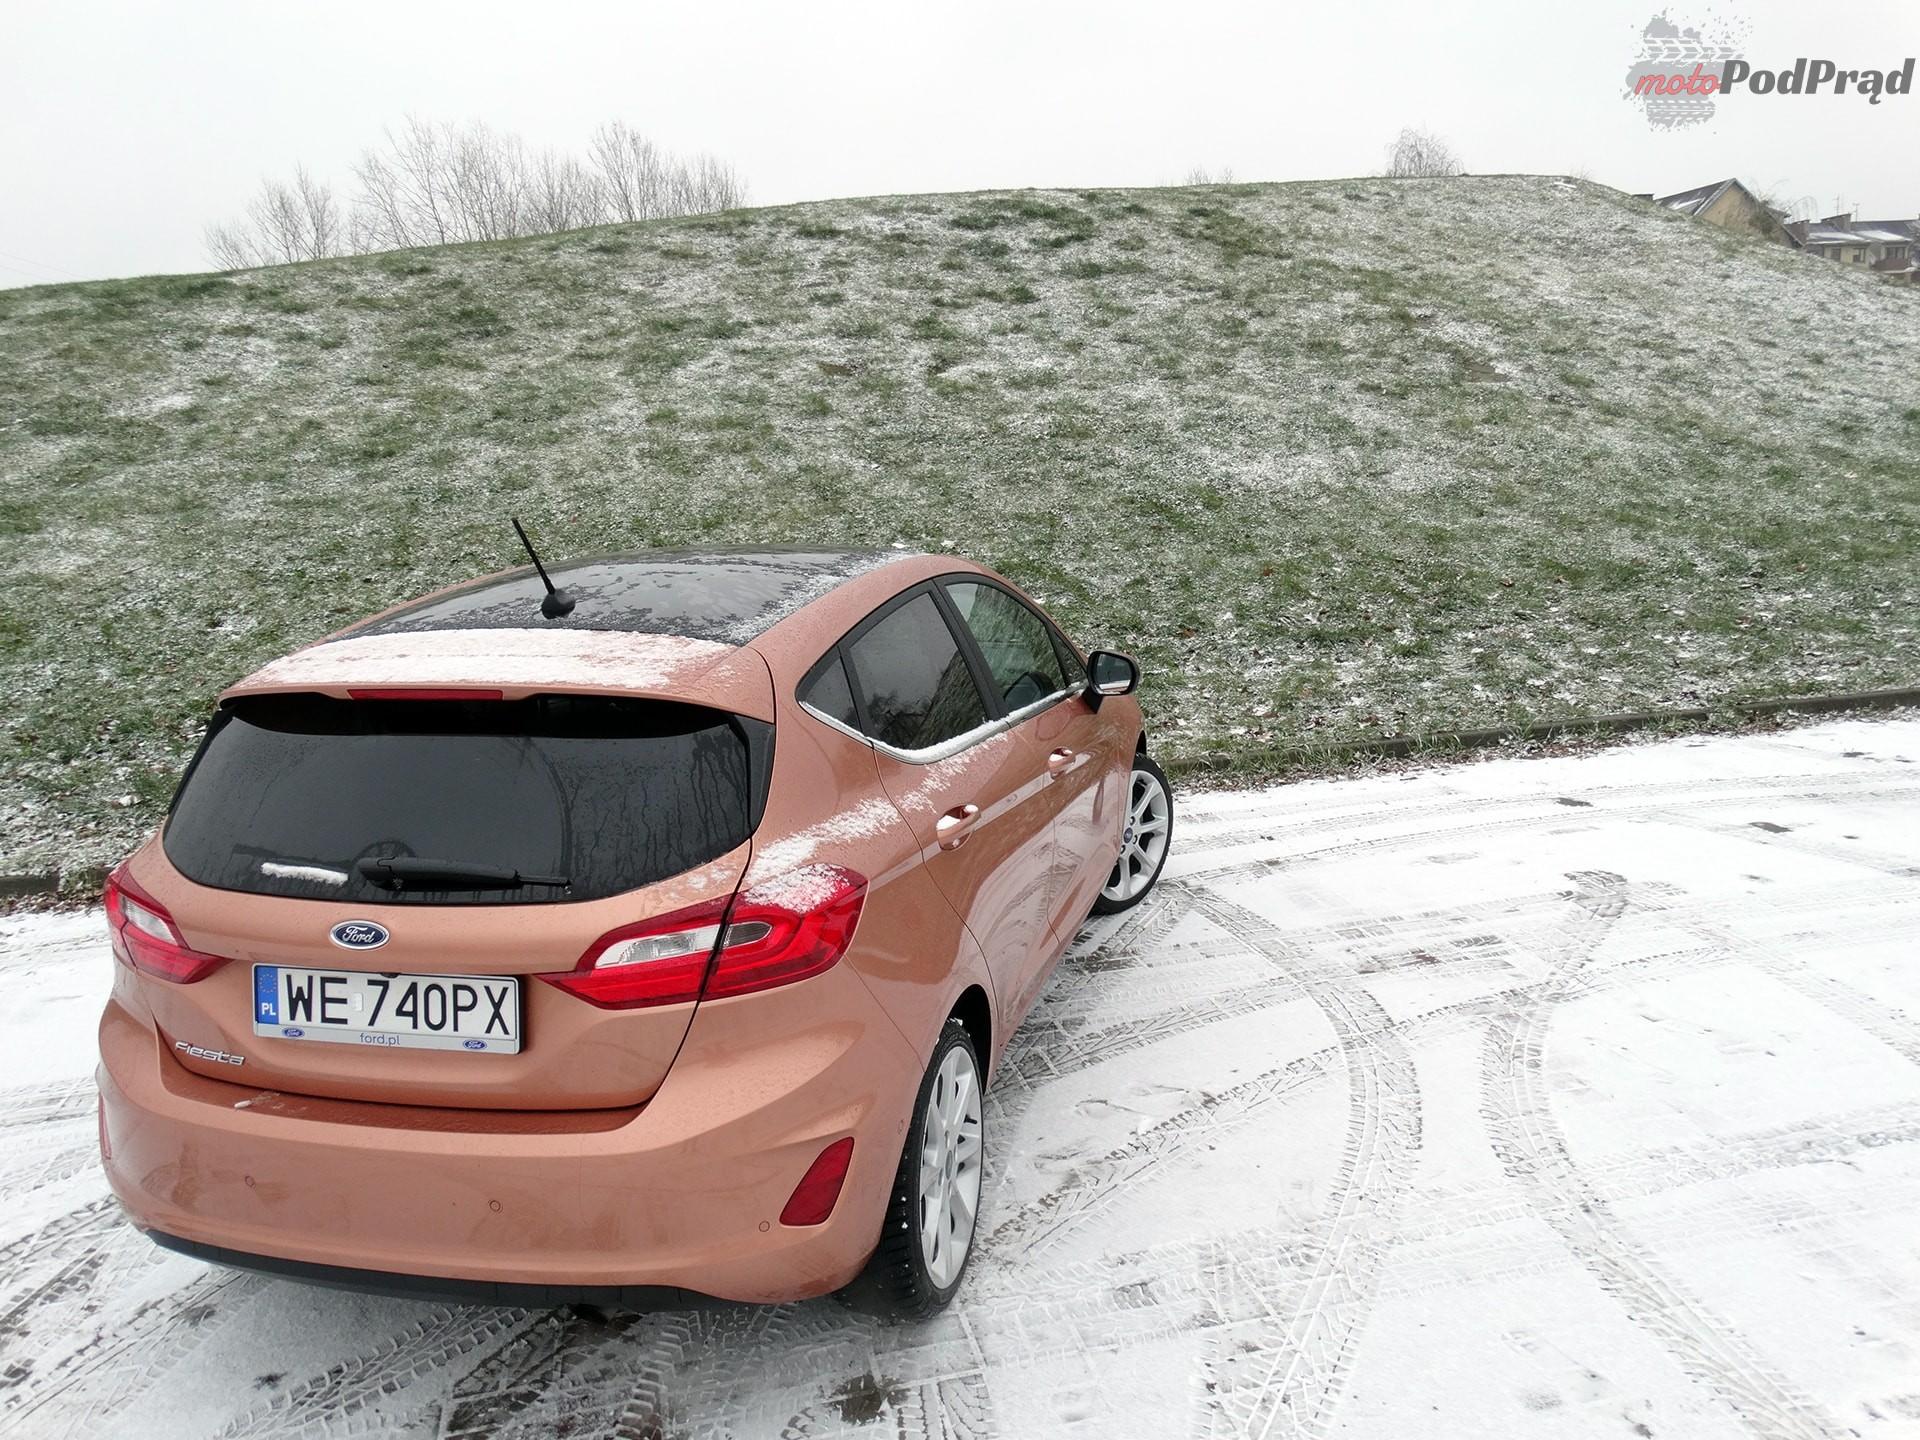 ford fiesta 6 Test: Ford Fiesta Titanium 1.0 EcoBoost 125 KM   ani trochę obiektywnie